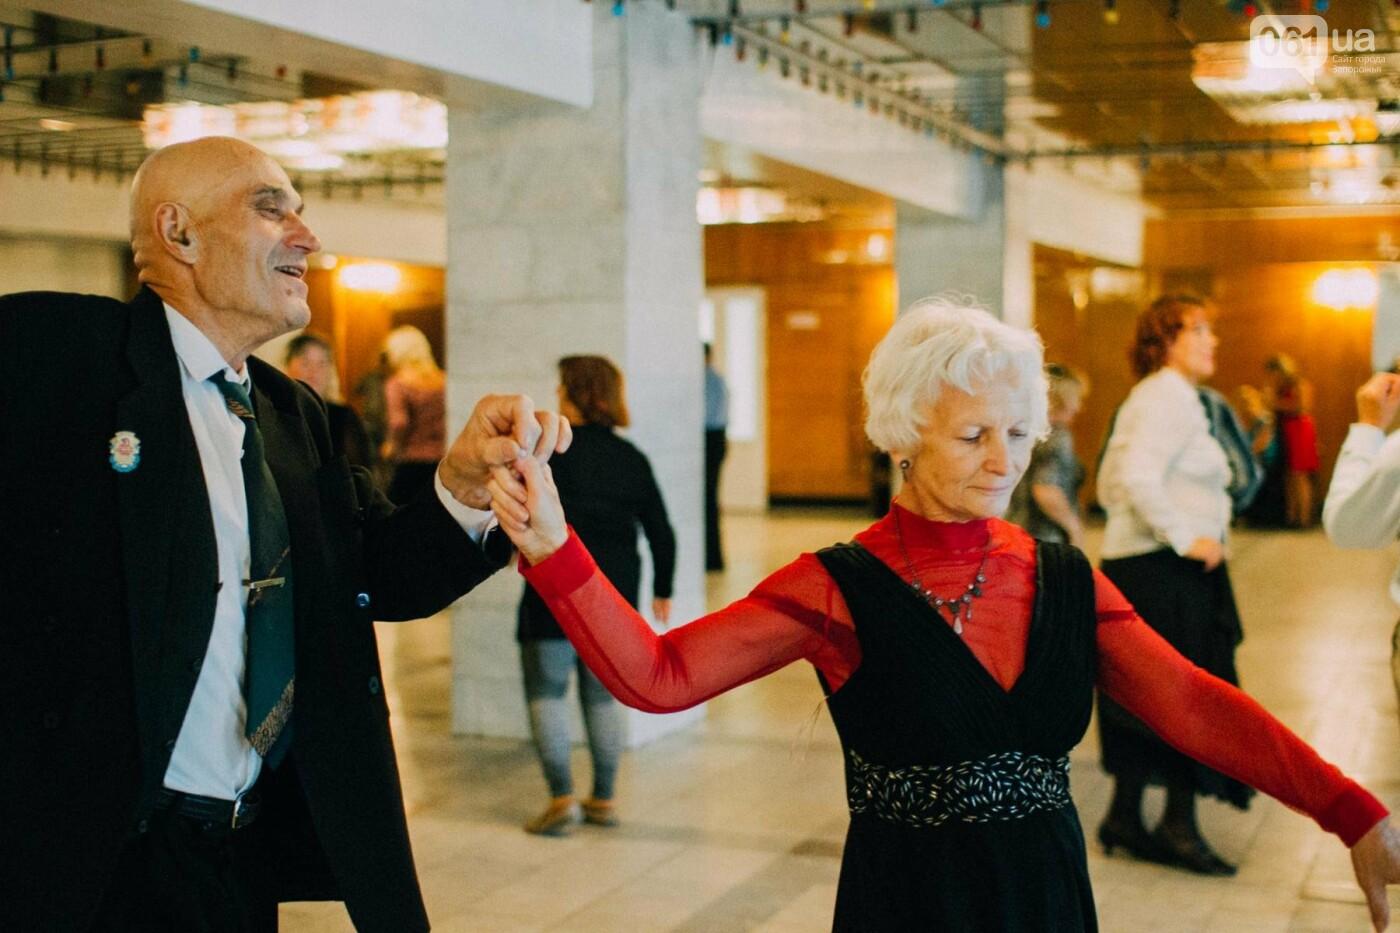 """""""Я ей сказал - до 90 лет будем танцевать!"""": как влюбленные запорожцы нашли друг друга благодаря танцам , фото-5"""